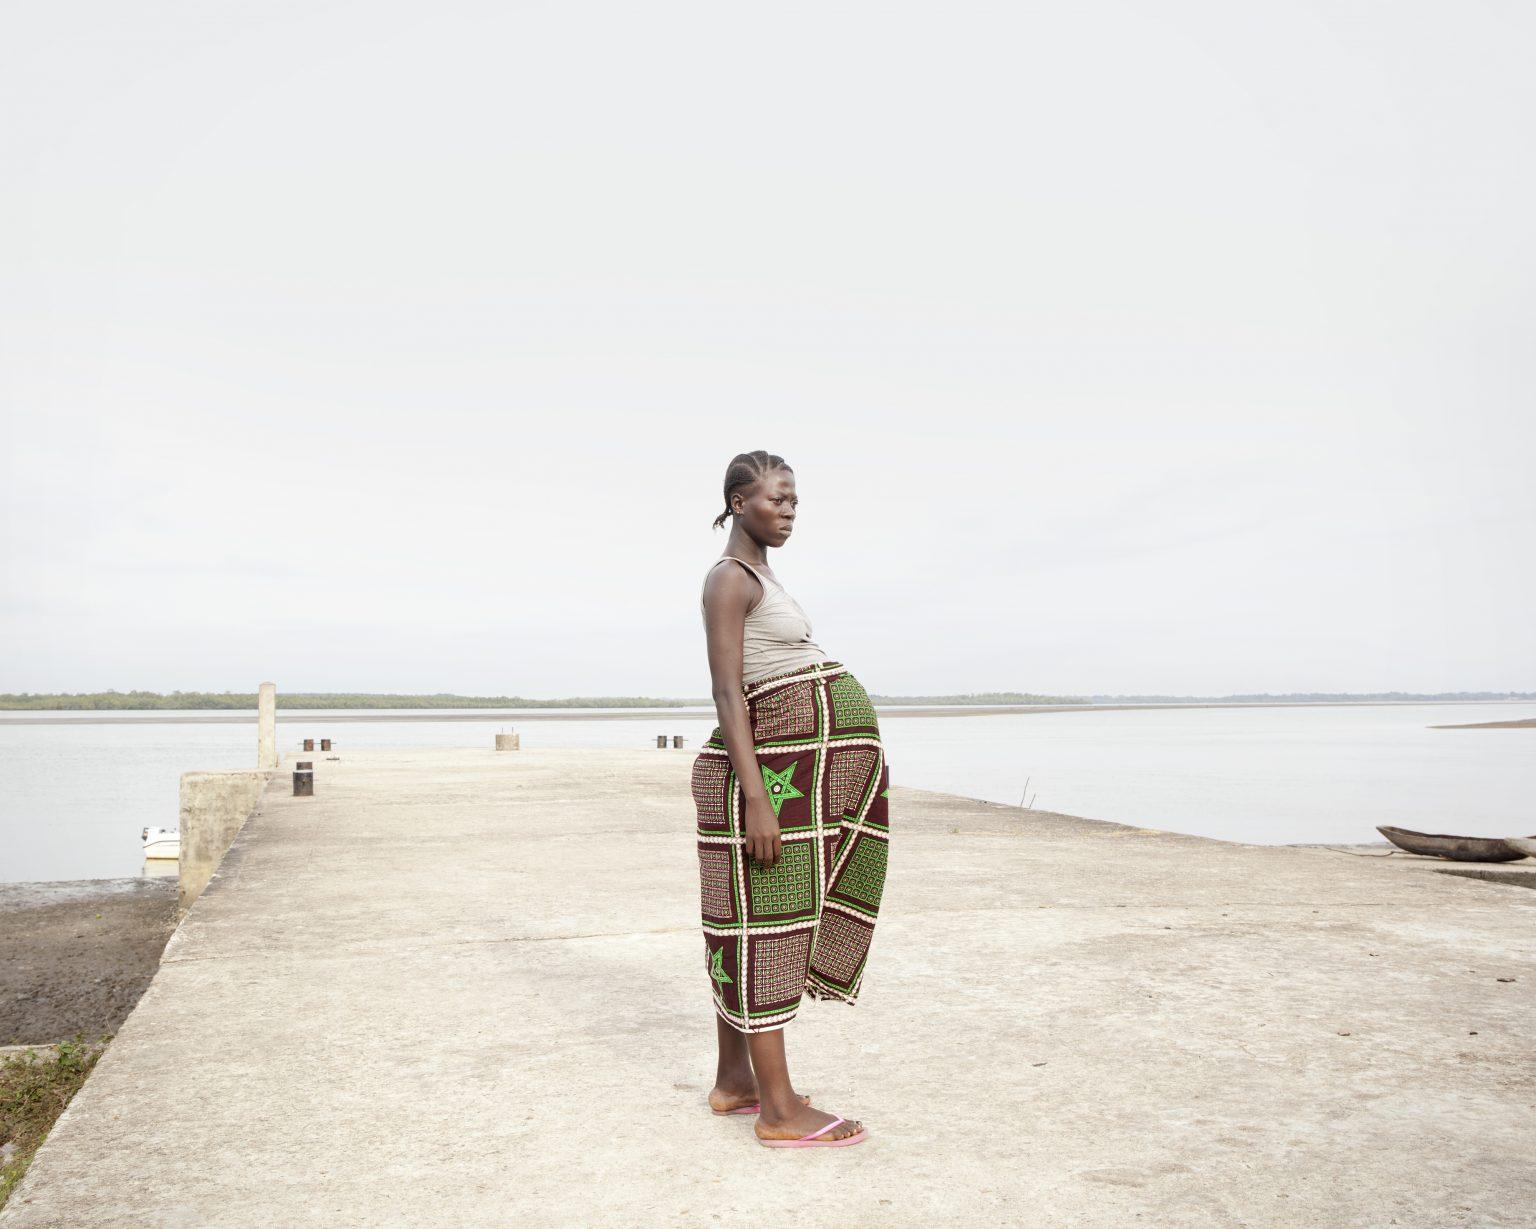 Bonthe District (Sierra Leone). Francess Kenjah, 22, is on her second pregnancy and has faced a seven-hour boat trip to reach the hospital in Bonthe. She will undergo a caesarean section. >< Distretto di Bonthe (Sierra Leone). Francess Kenjah, 22 anni, è alla sua seconda gravidanza e ha affrontato un viaggio di sette ore in barca per raggiungere l'ospedale di Bonthe. Sarà sottoposta a parto cesareo.